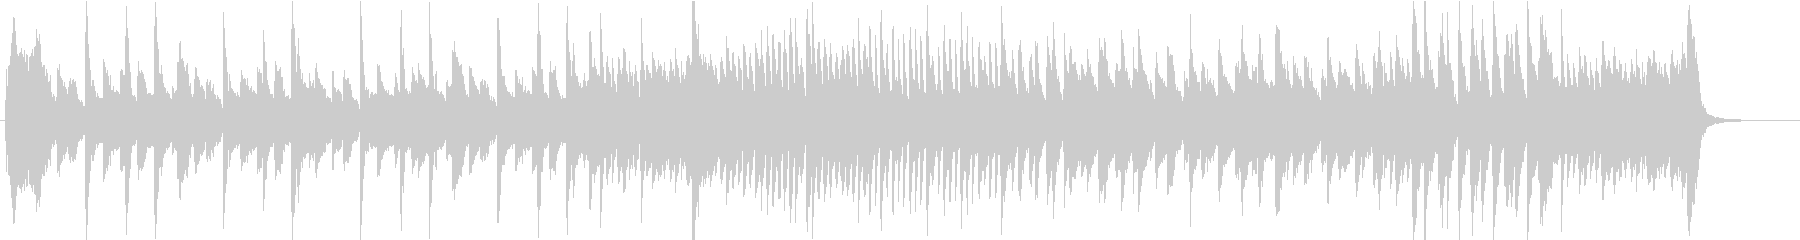 レトロでジャジー陽気なピアノソロBGMの未再生の波形